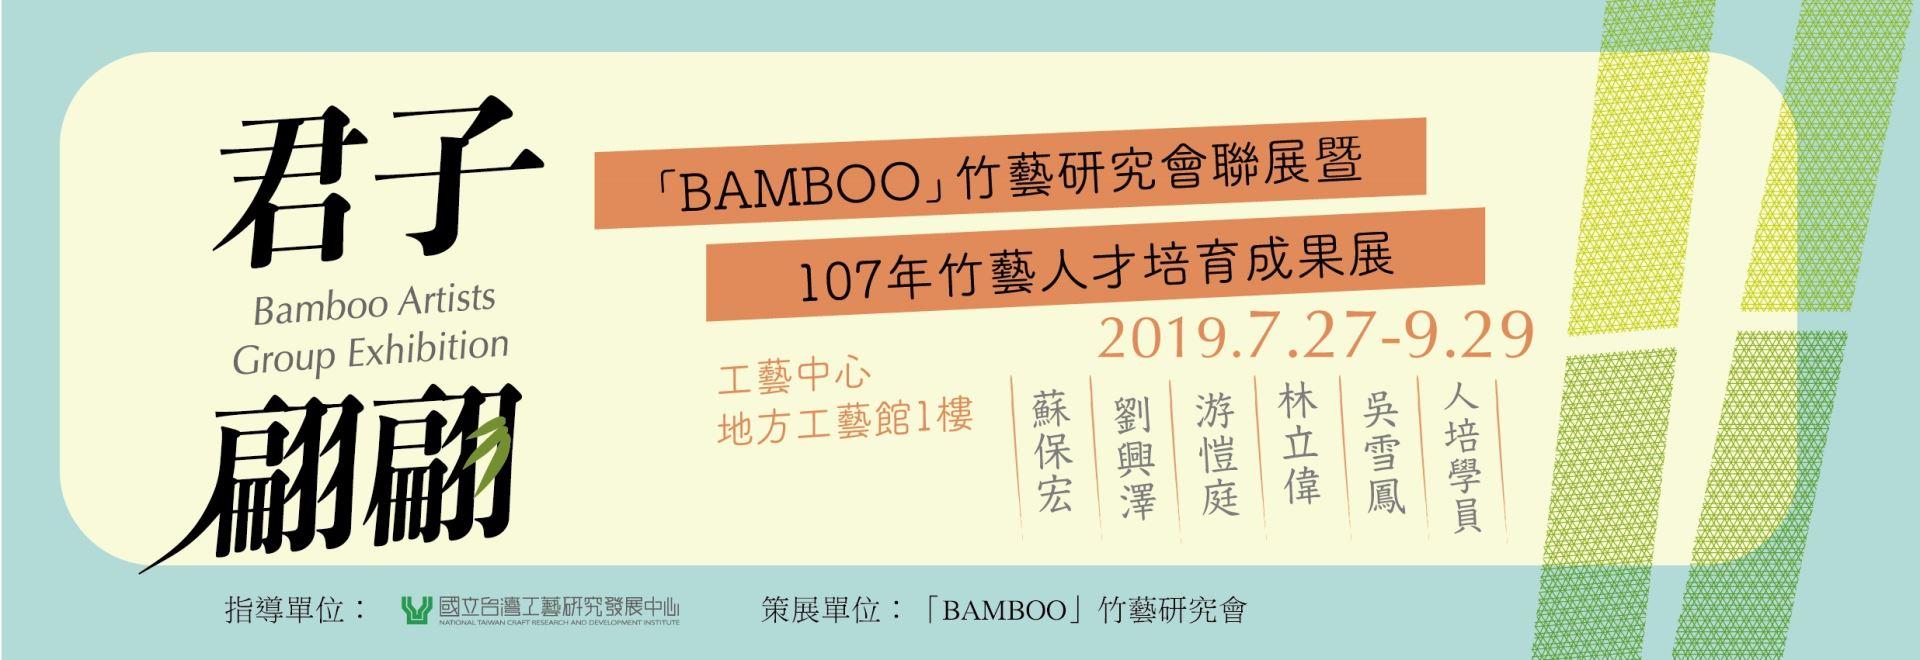 君子翩翩-BAMBOO竹藝研究會聯展暨107年竹藝人才培育成果展[另開新視窗]